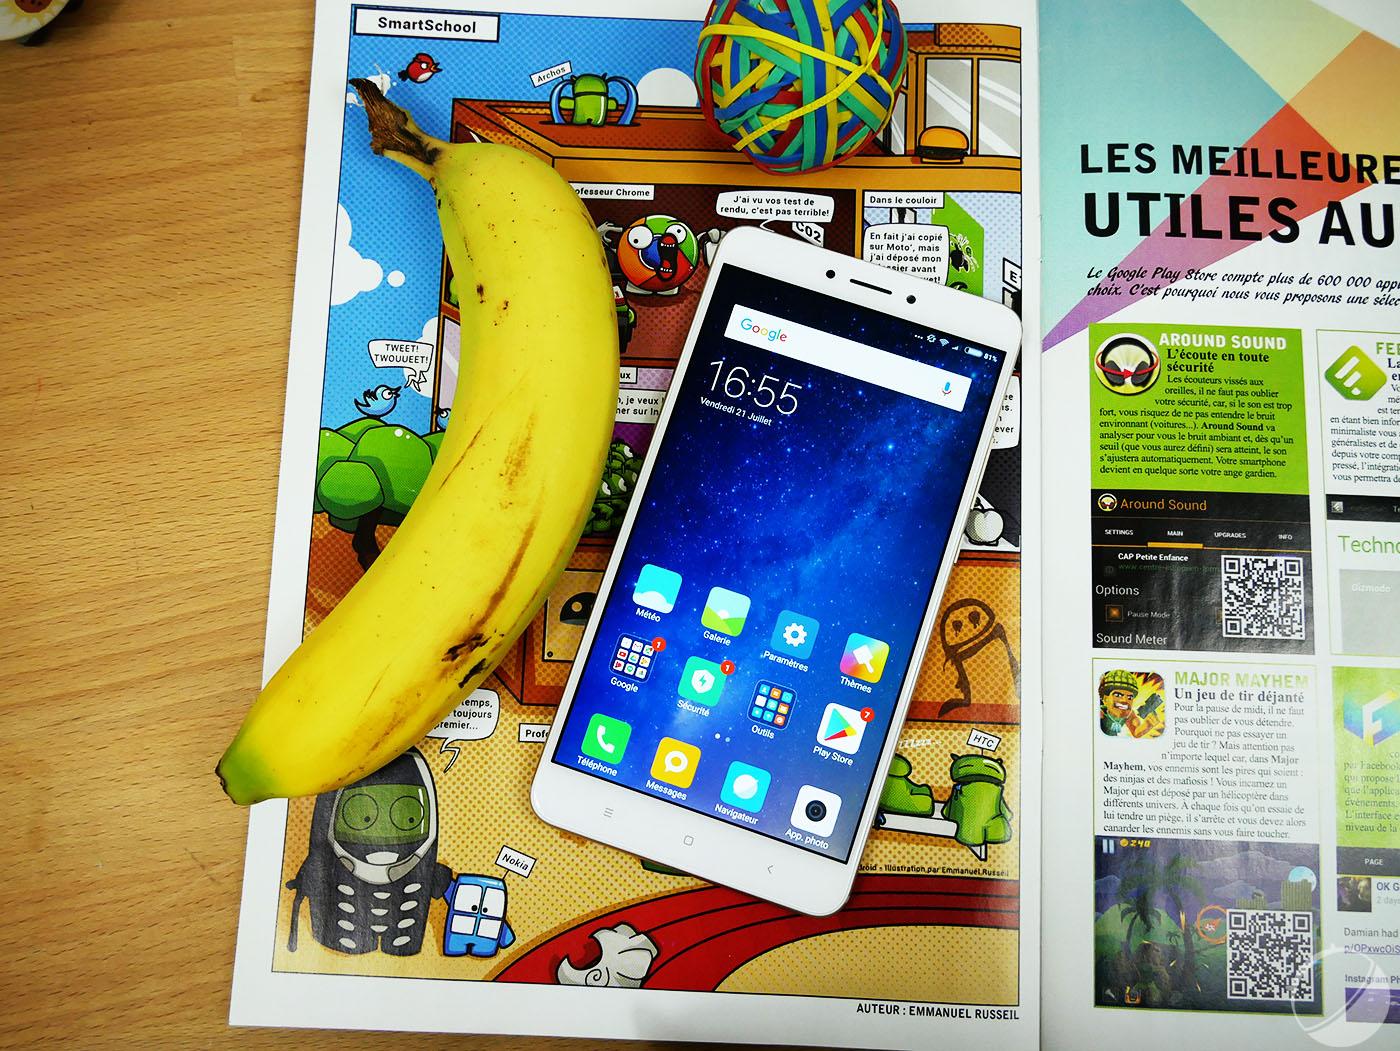 Xiaomi Mi Max 3: le smartphone géant sera lancé cet été, c'est confirmé